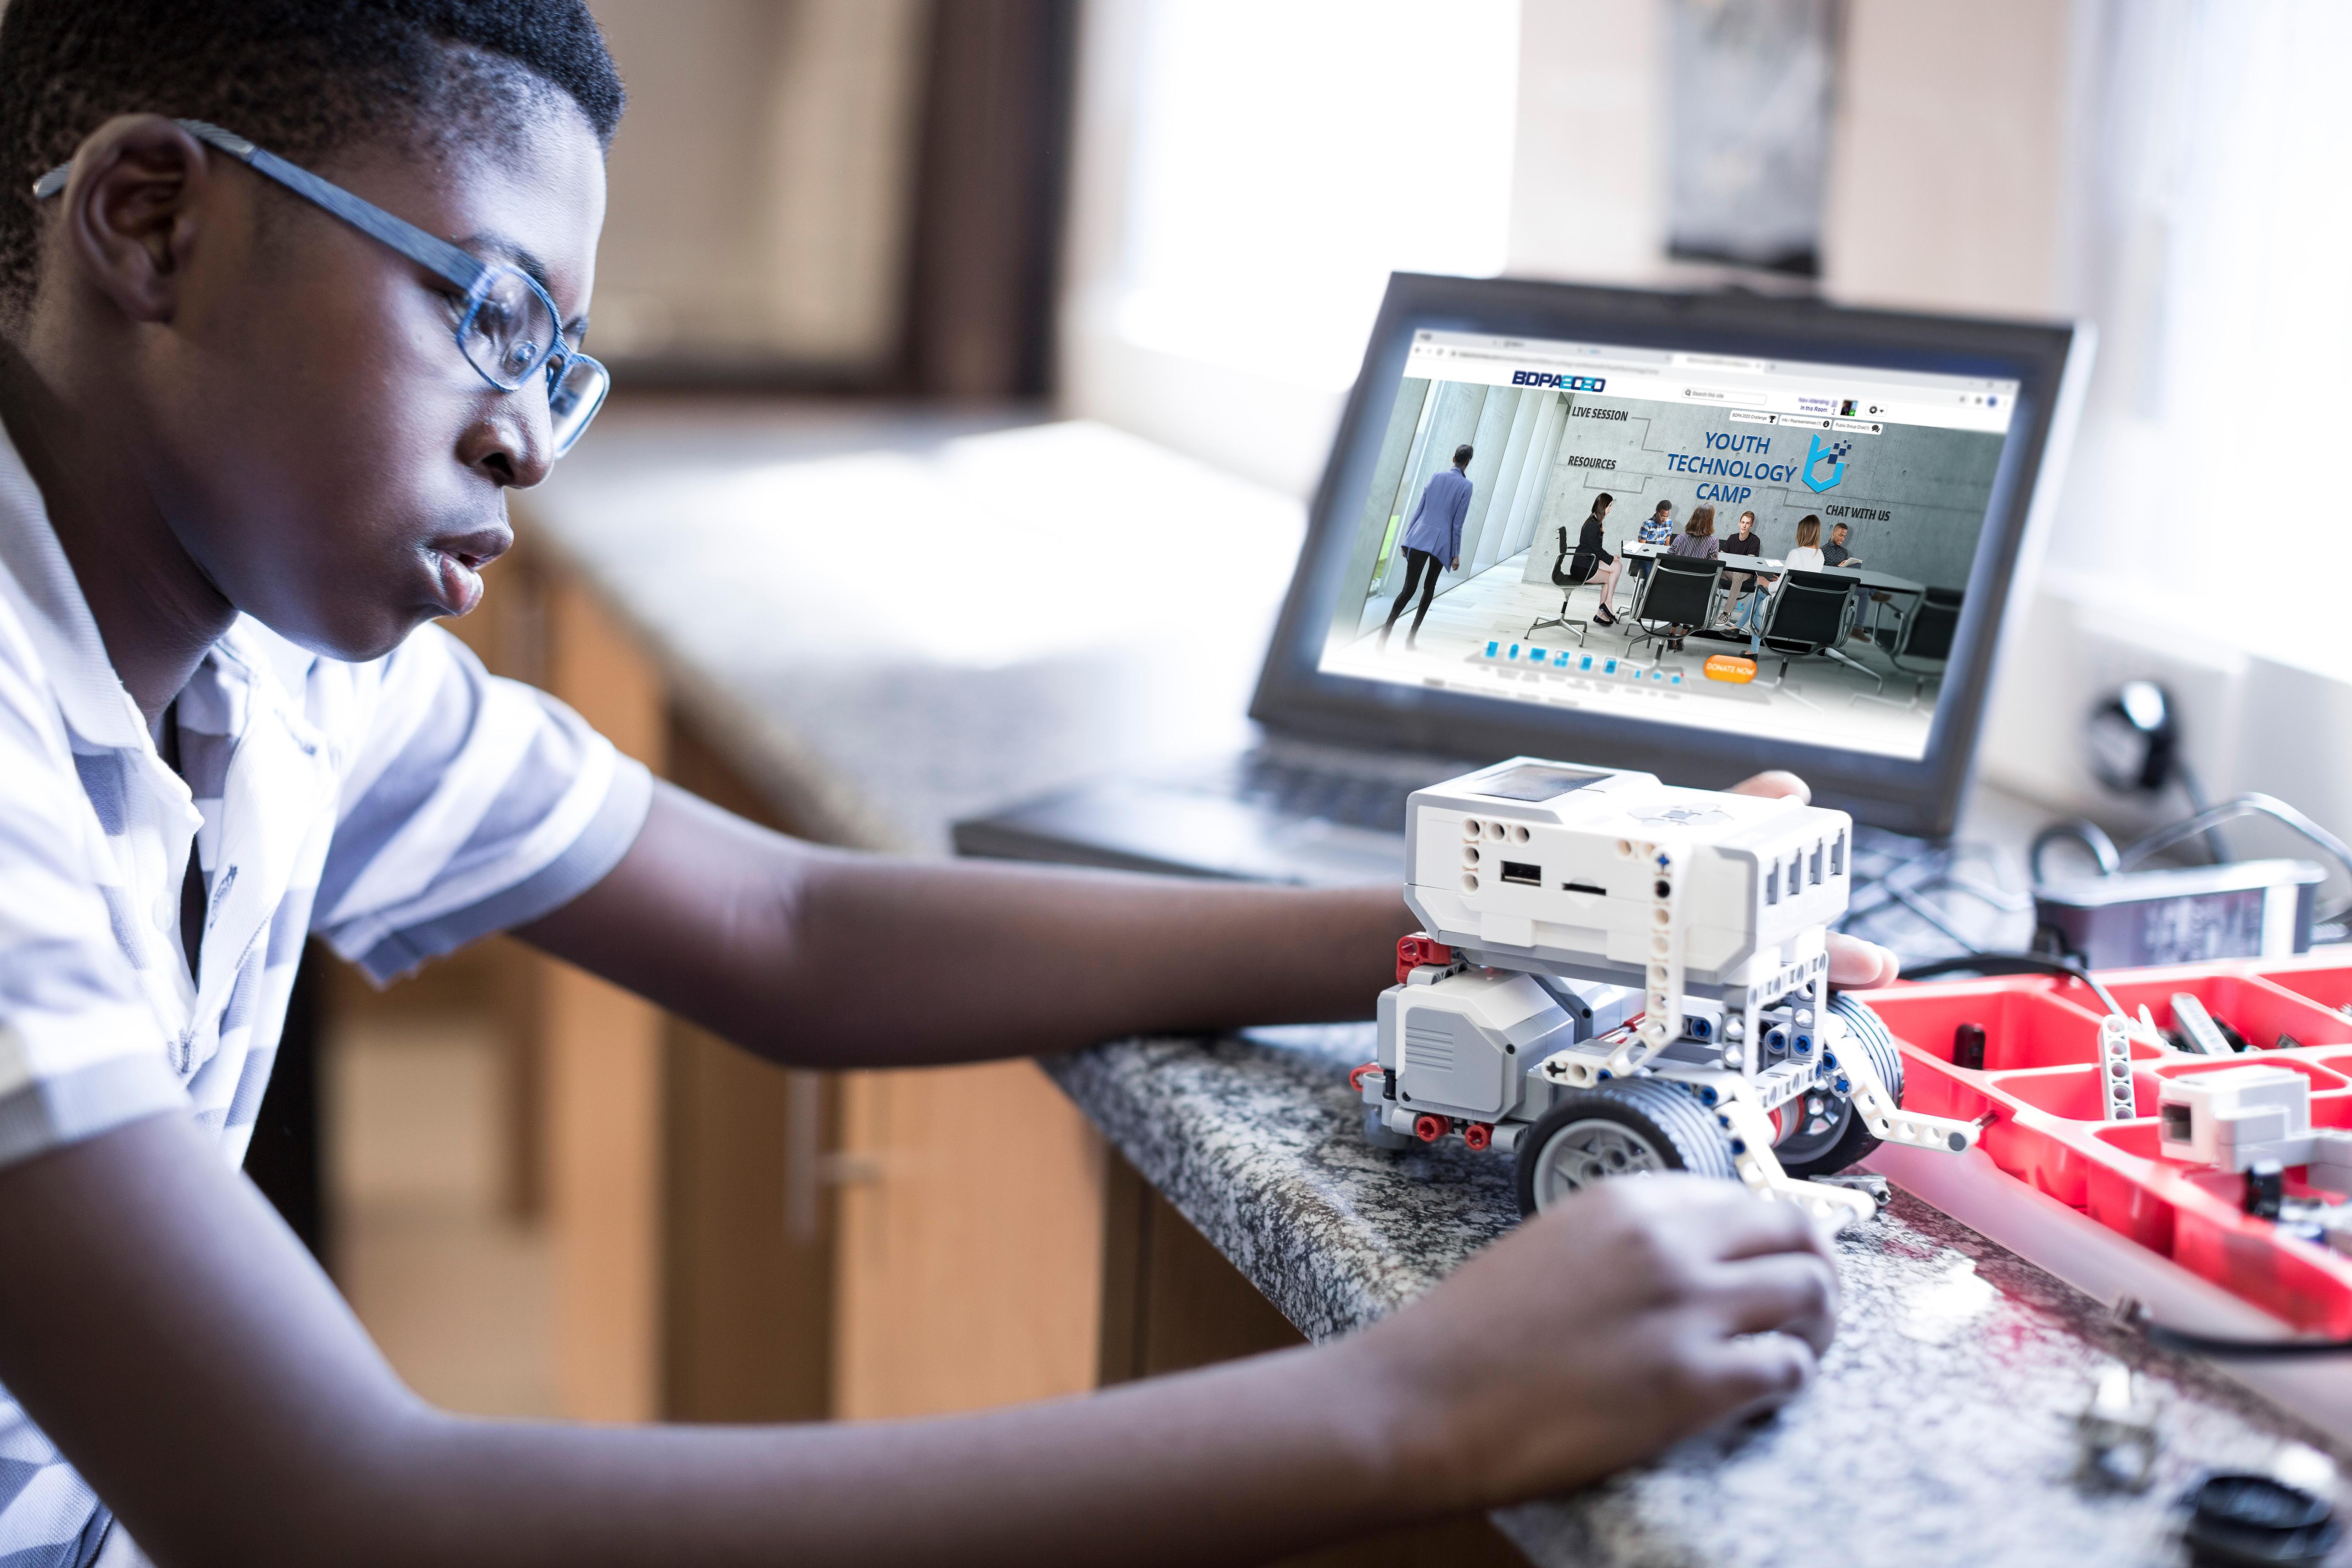 BDPA-DC Youth Technology Programs